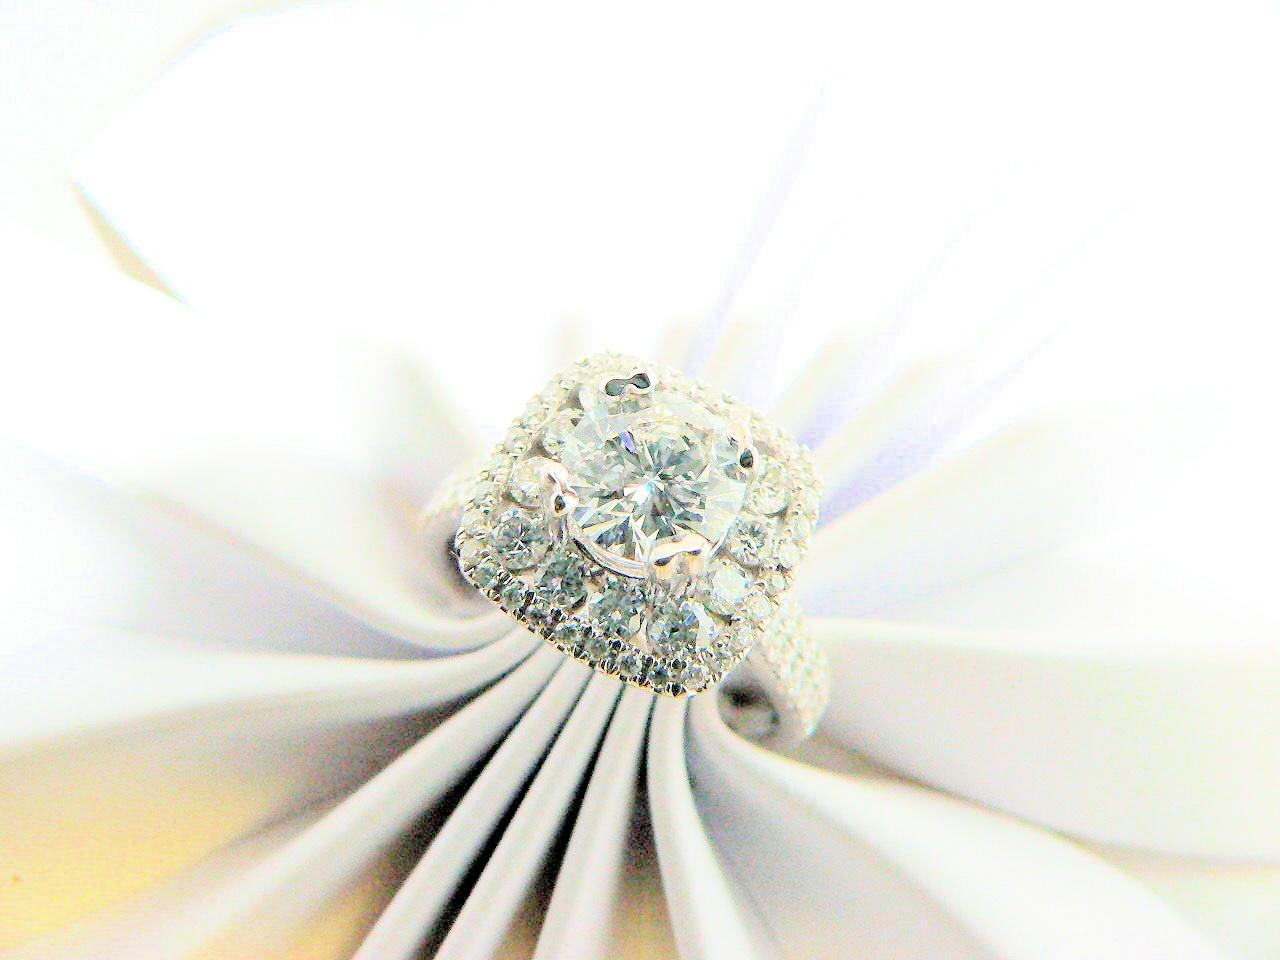 Rounded corner halo diamond engagement ring